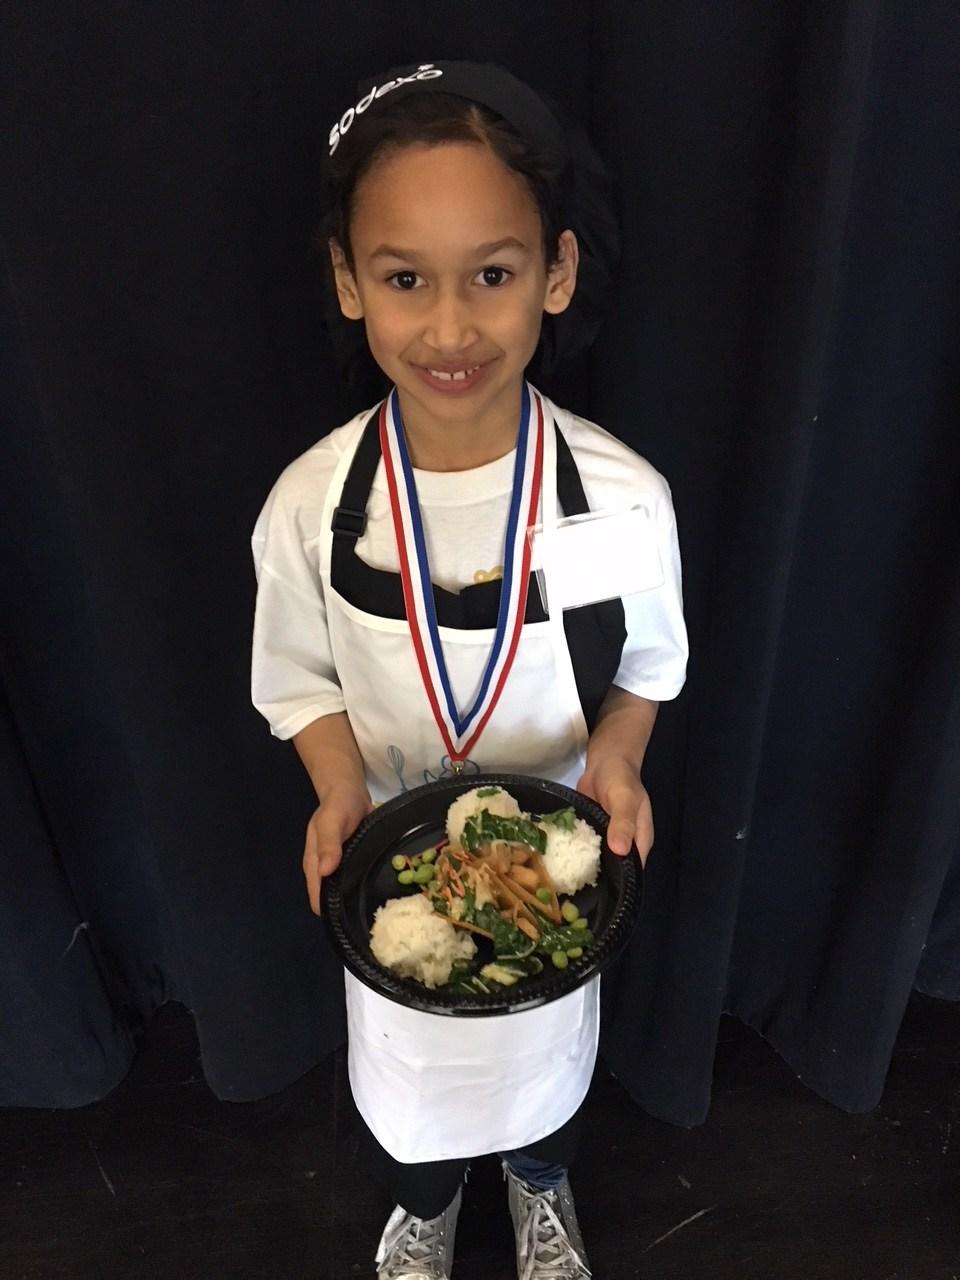 Jayla Patten winner of future chef